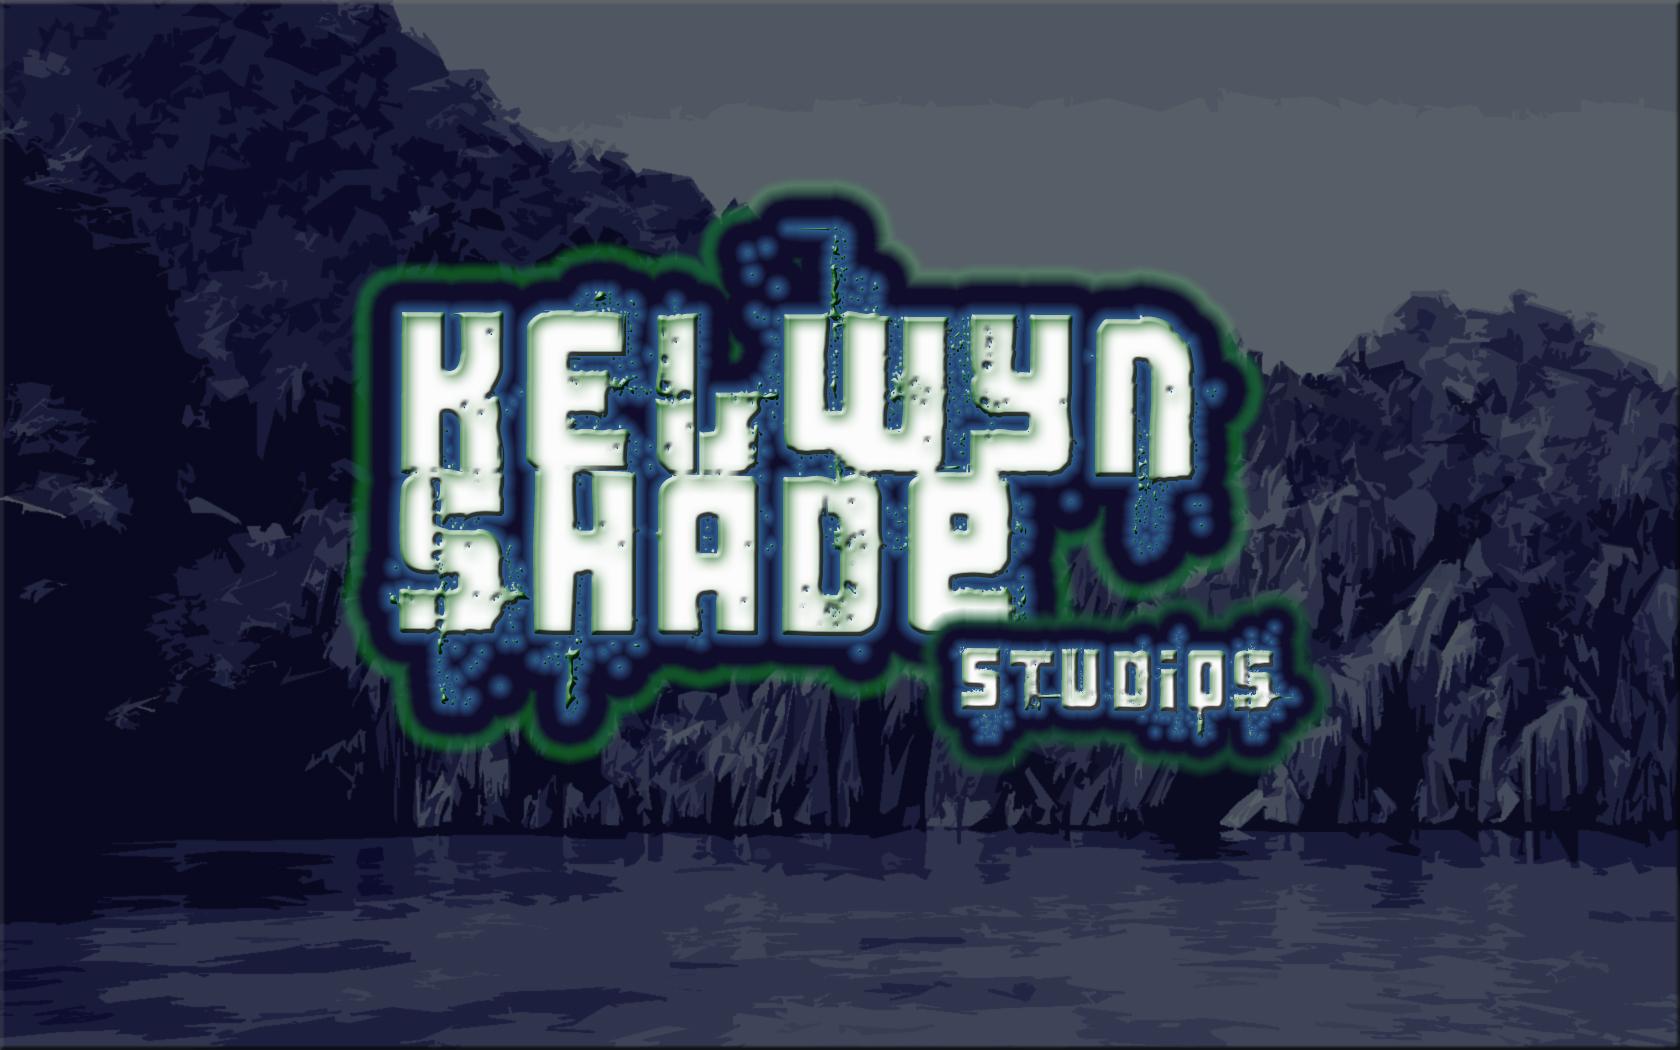 Kelwynshade Studios